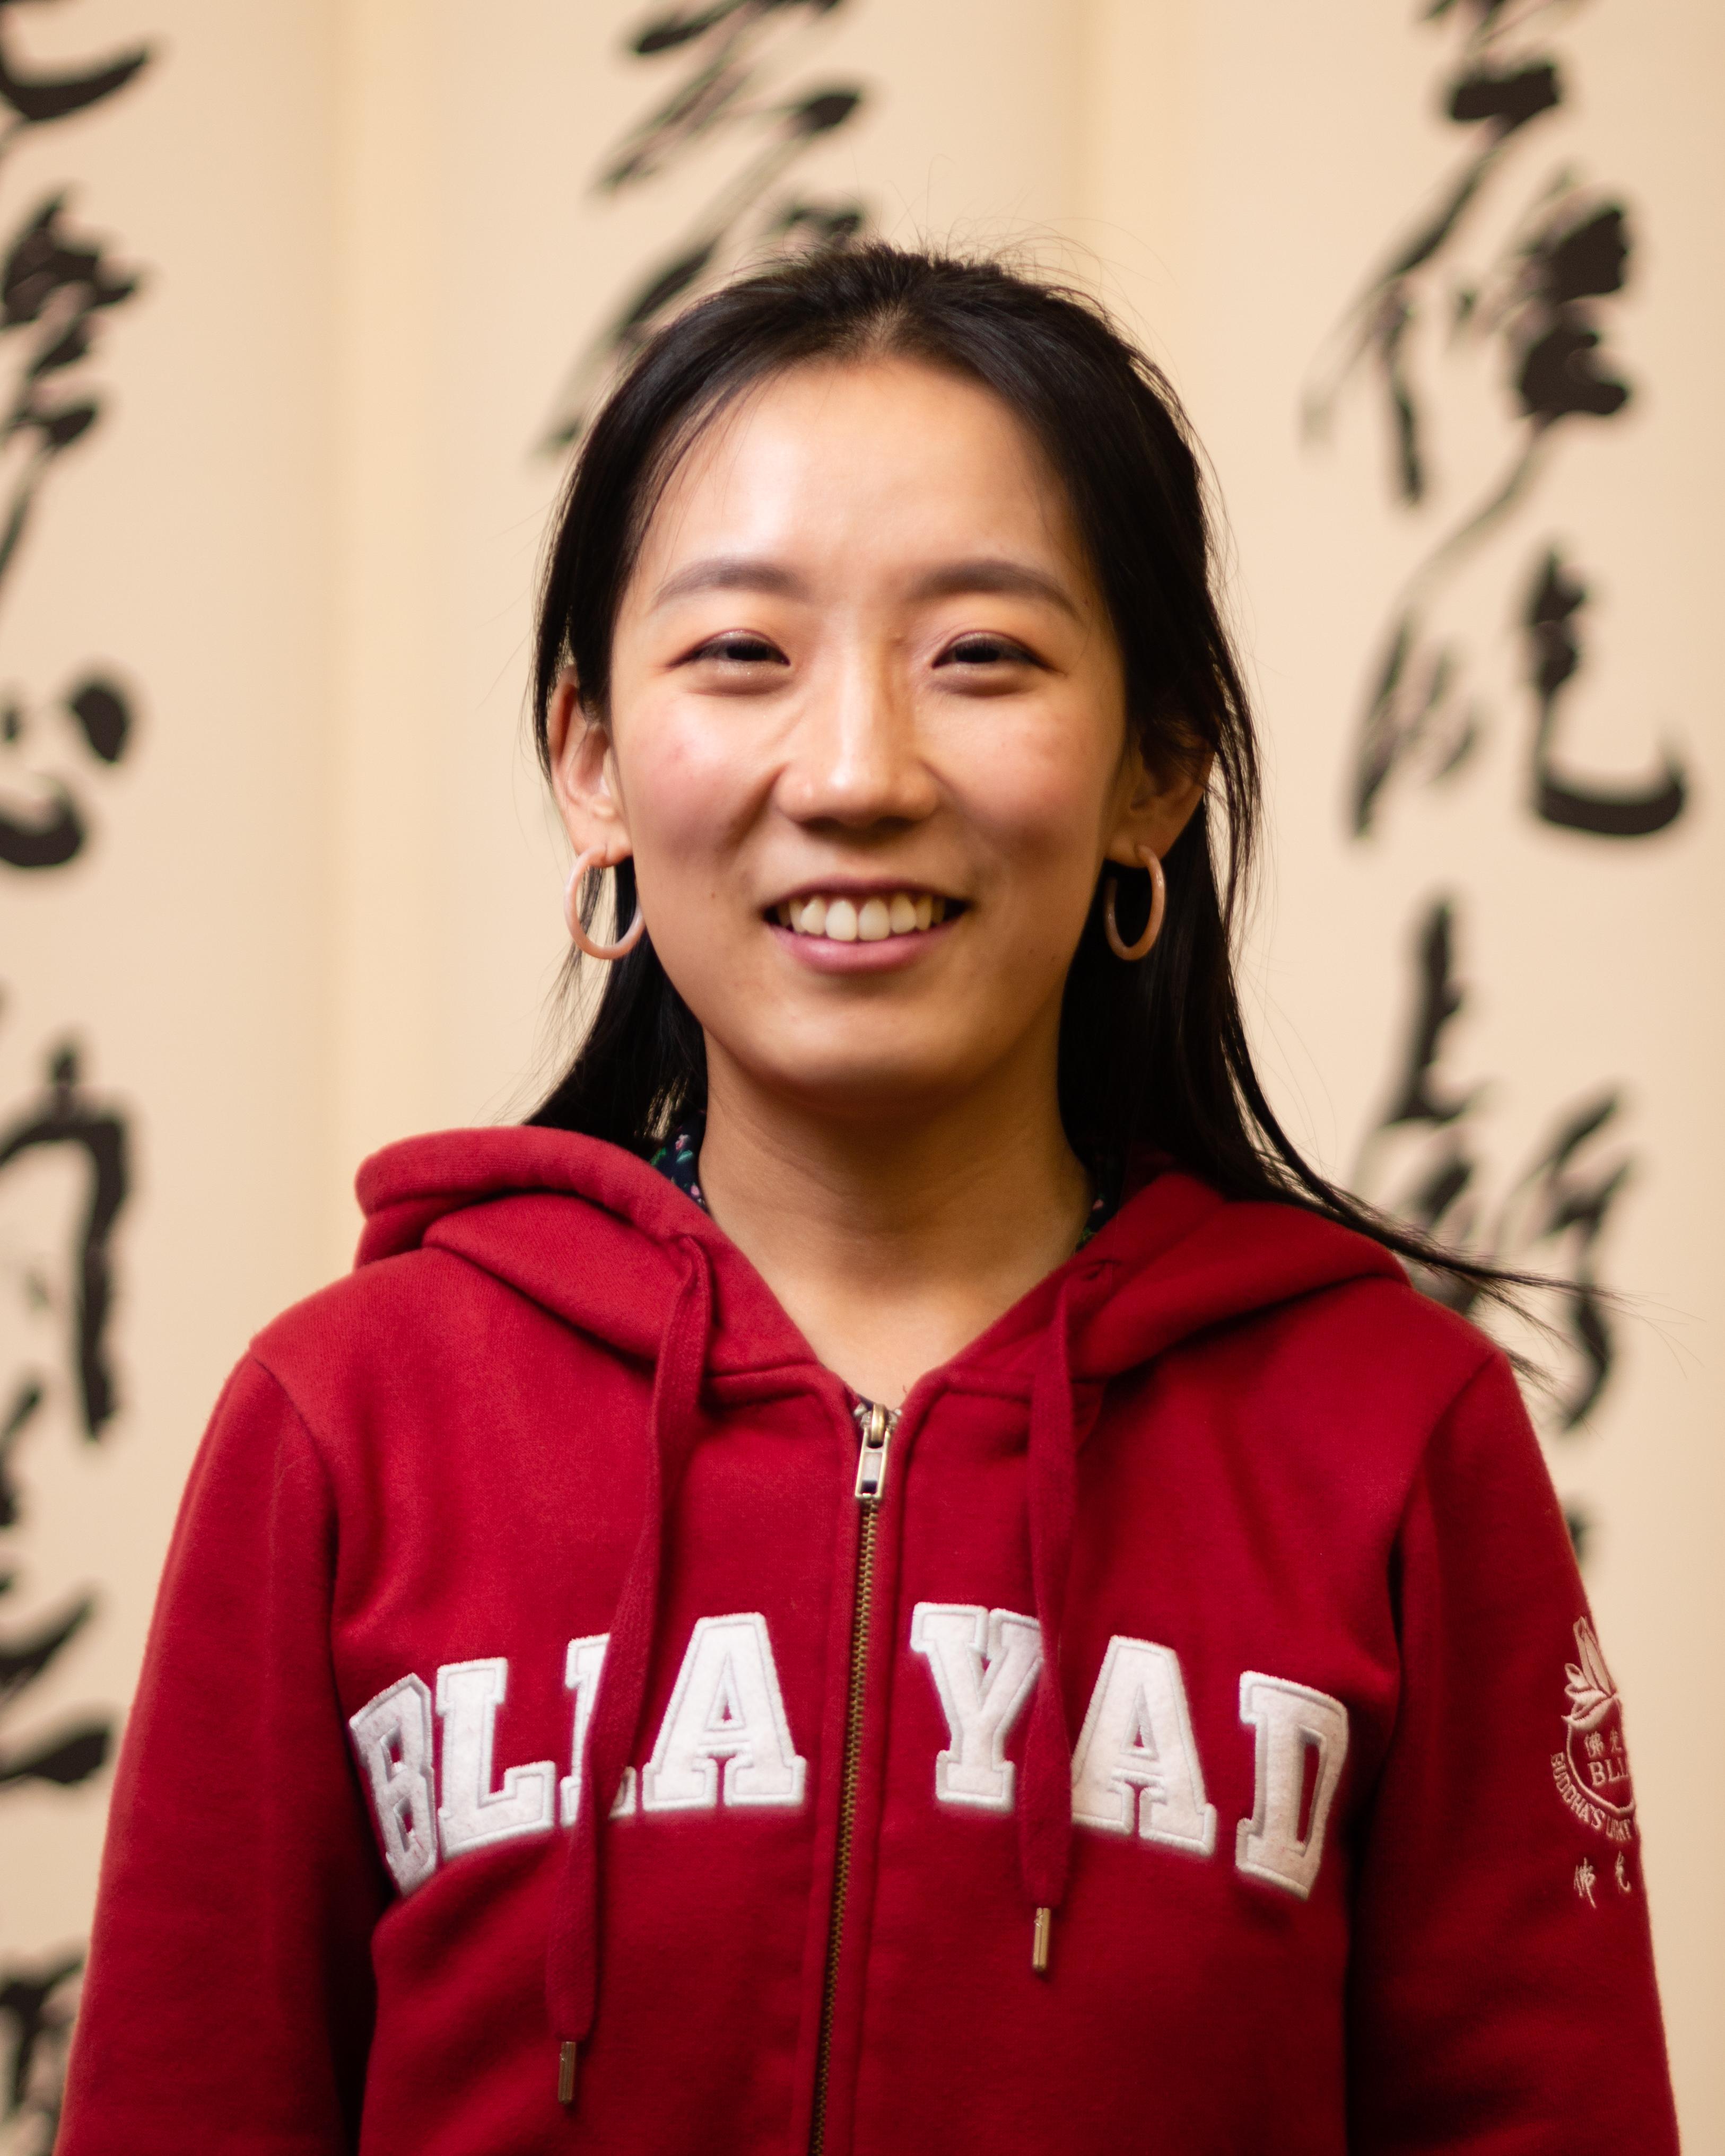 Yuchen Qian (钱予忱)